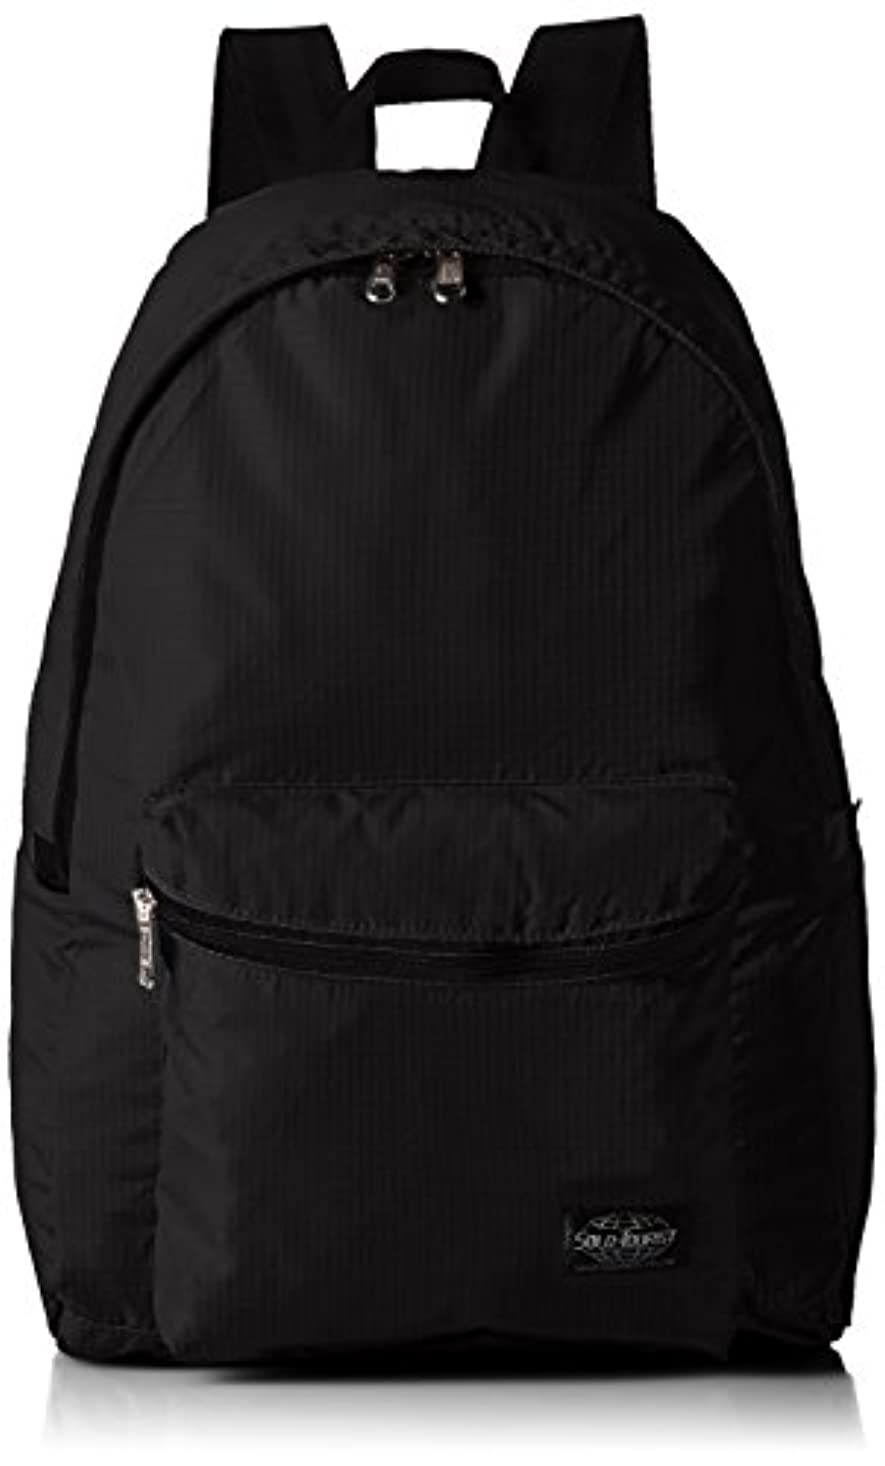 中央値確かな遊び場[ソロ?ツーリスト] ポケッタブルデイパックII、折りたたみバッグ、旅行用 ポケッタブル、折りたたみバッグ、軽量、コンパクト、旅行に 14L 42 cm 0.2kg